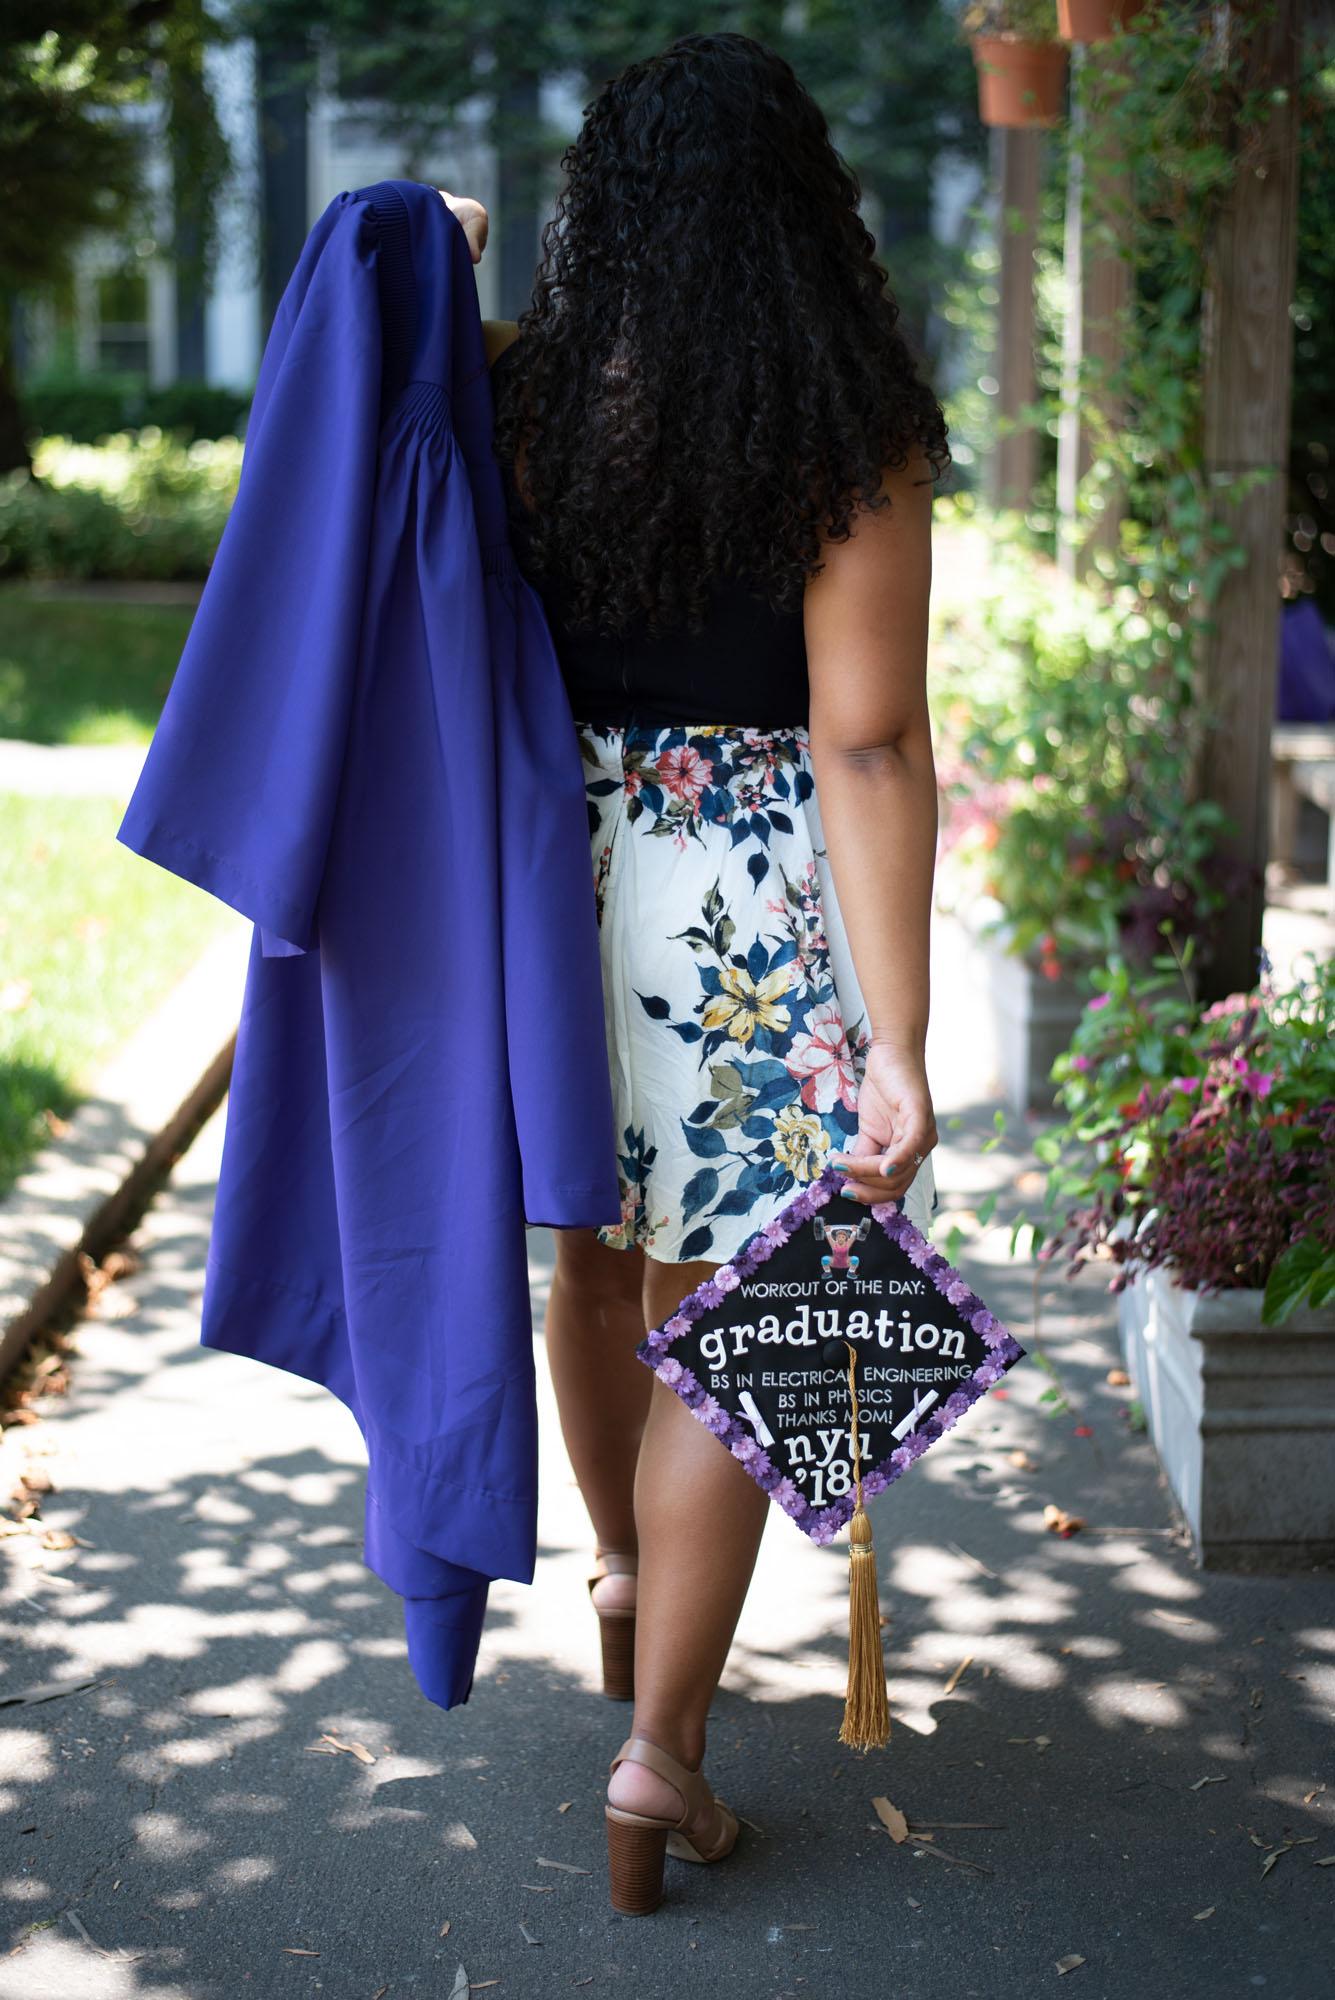 Angie Gonzalez Graduation Picture